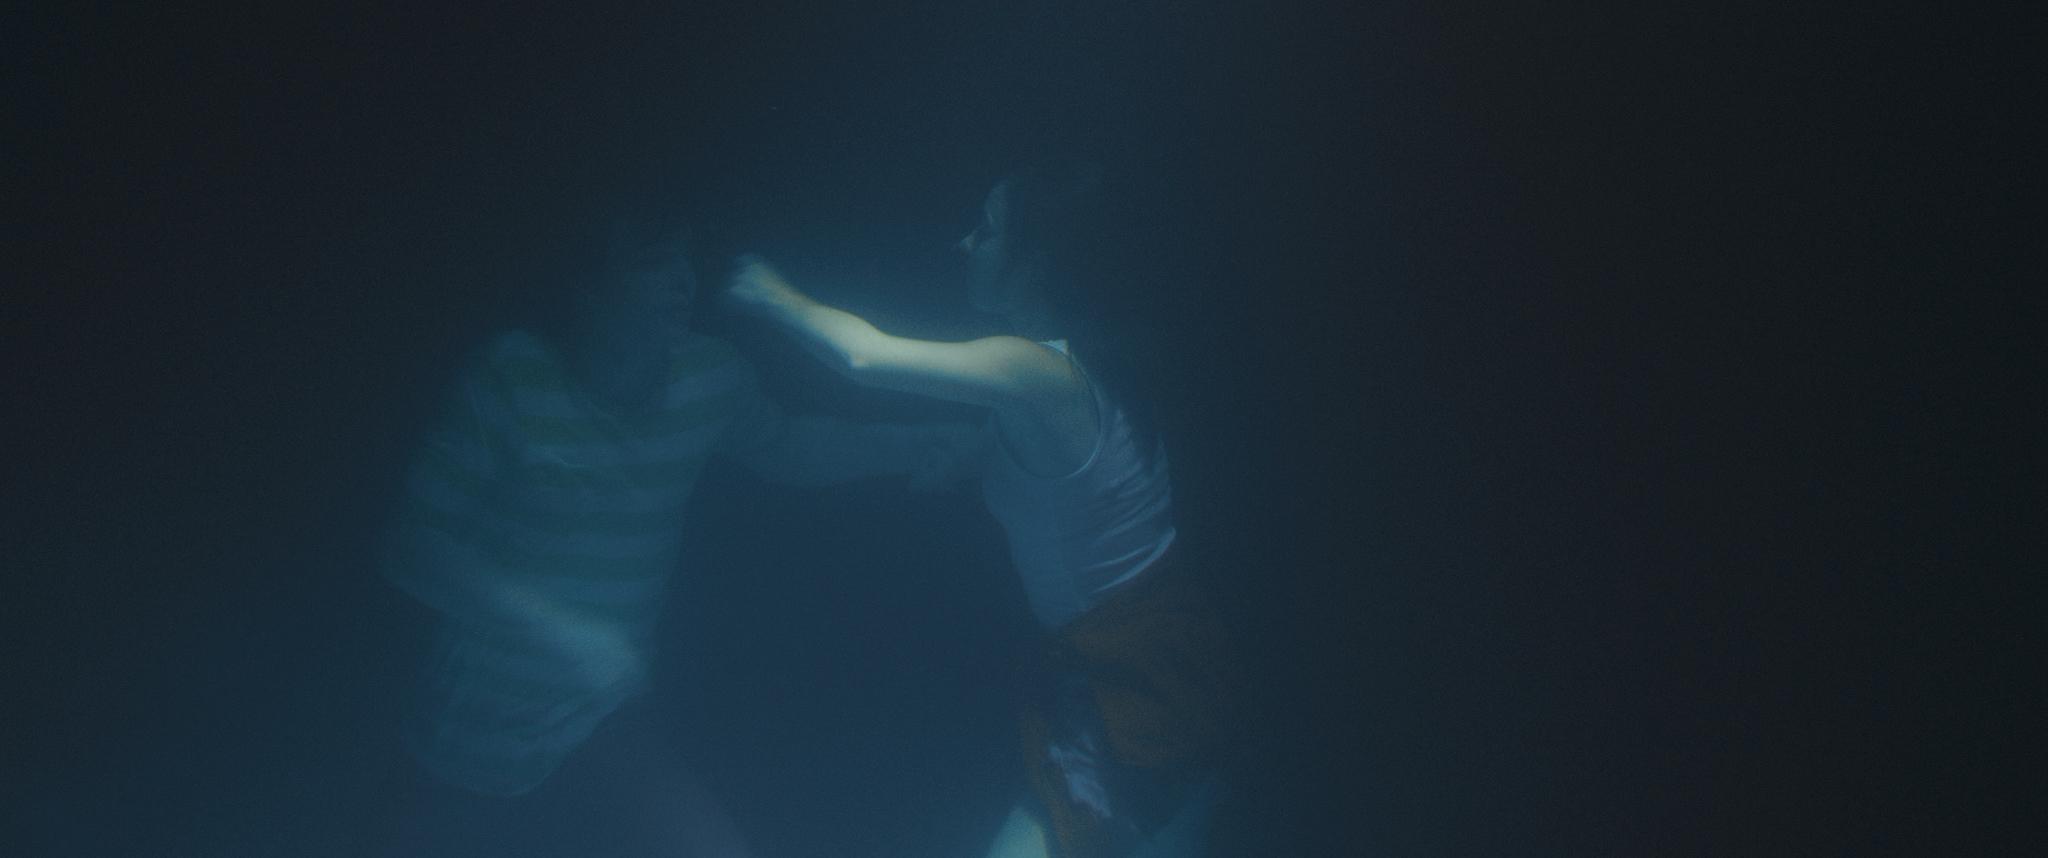 29_its_underwater03_1.146.1